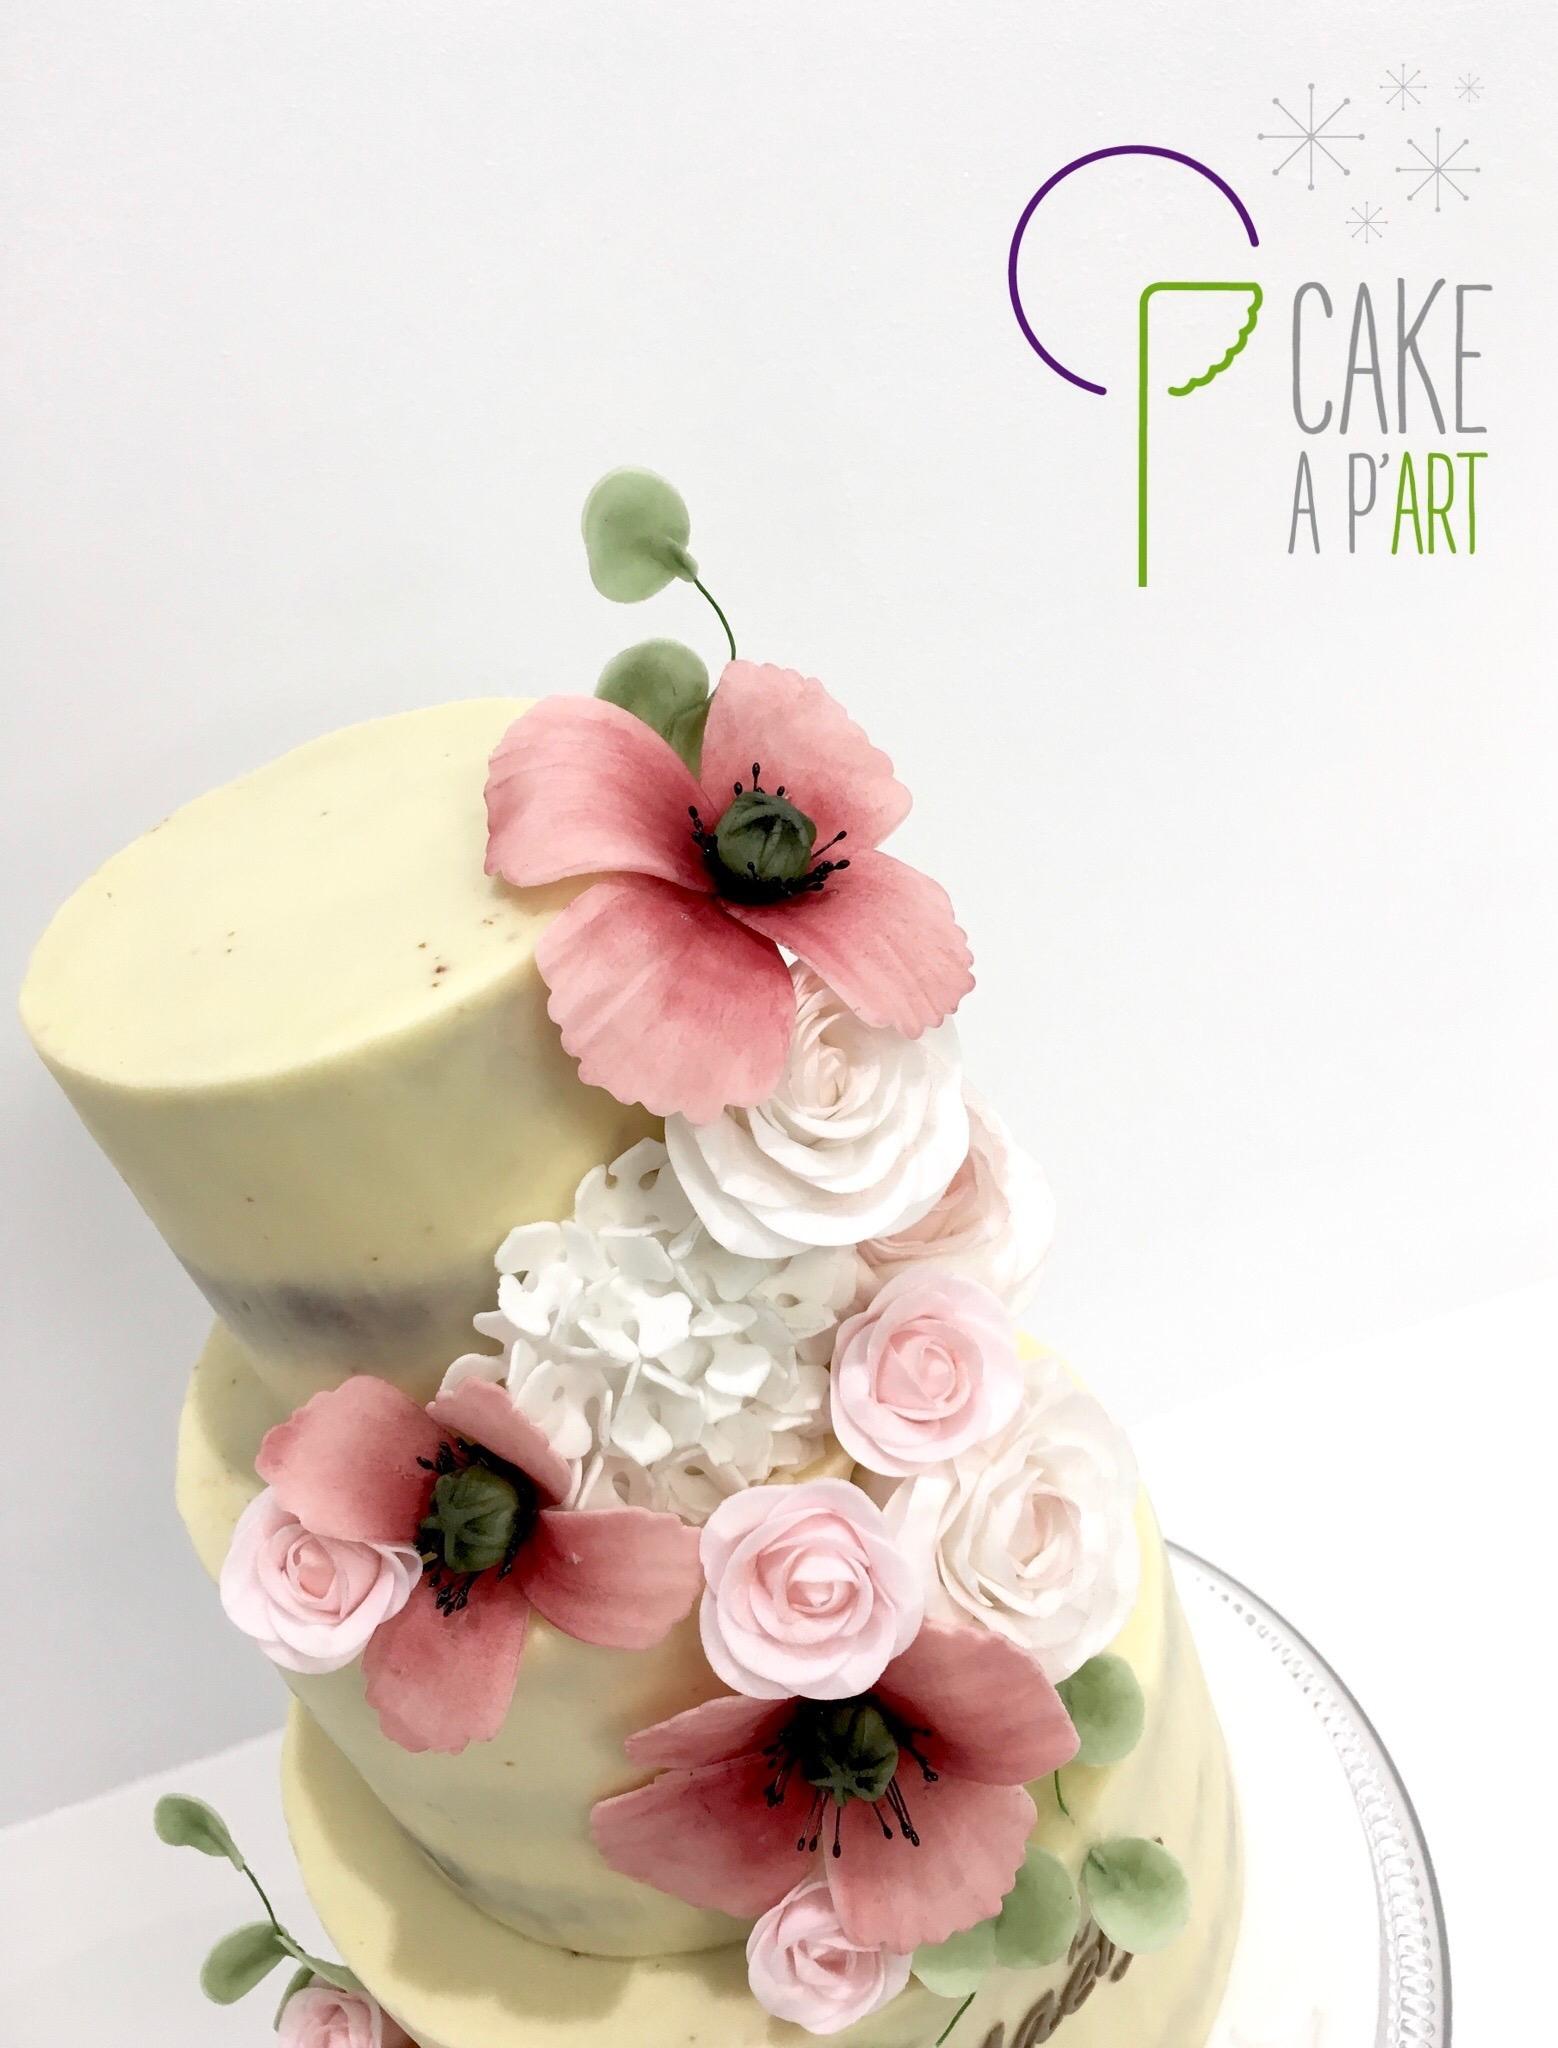 Décor en sucre gâteaux personnalisés - Nude Cake Baptême fleurs Coquelicots roses hortensias